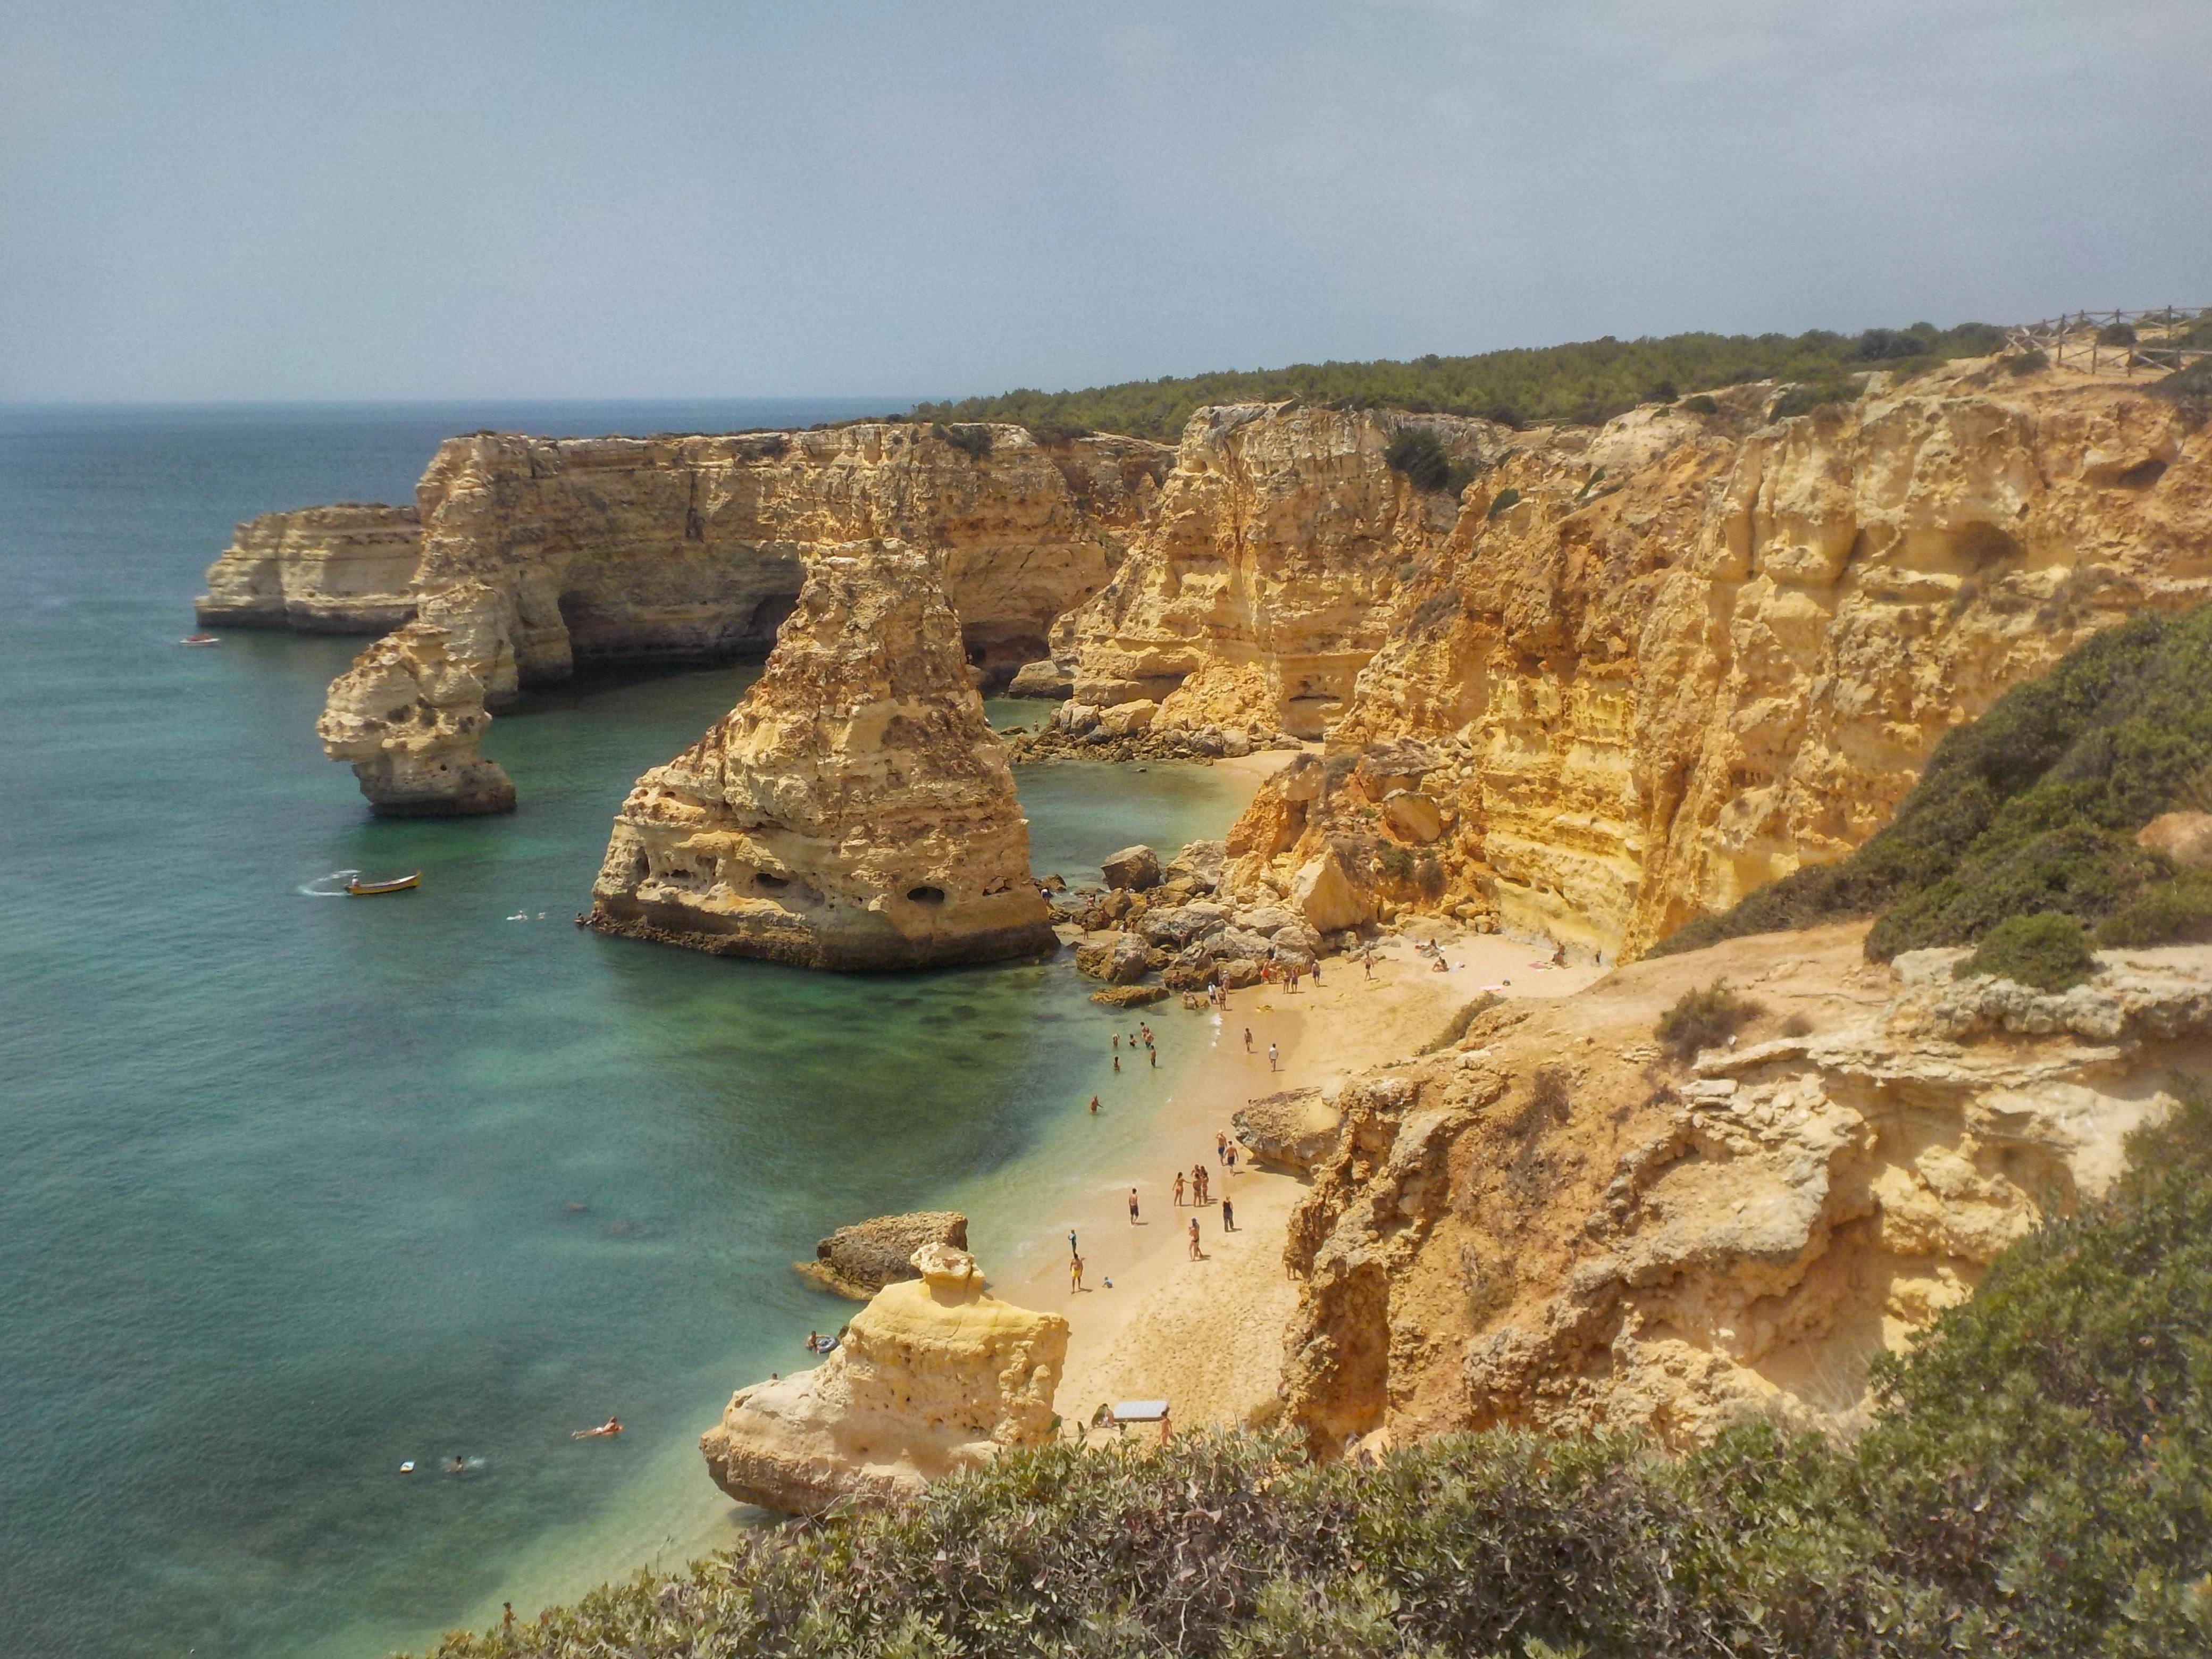 Que ver en el Algarve: 5 playas imprescindibles en el Algarve, Portugal